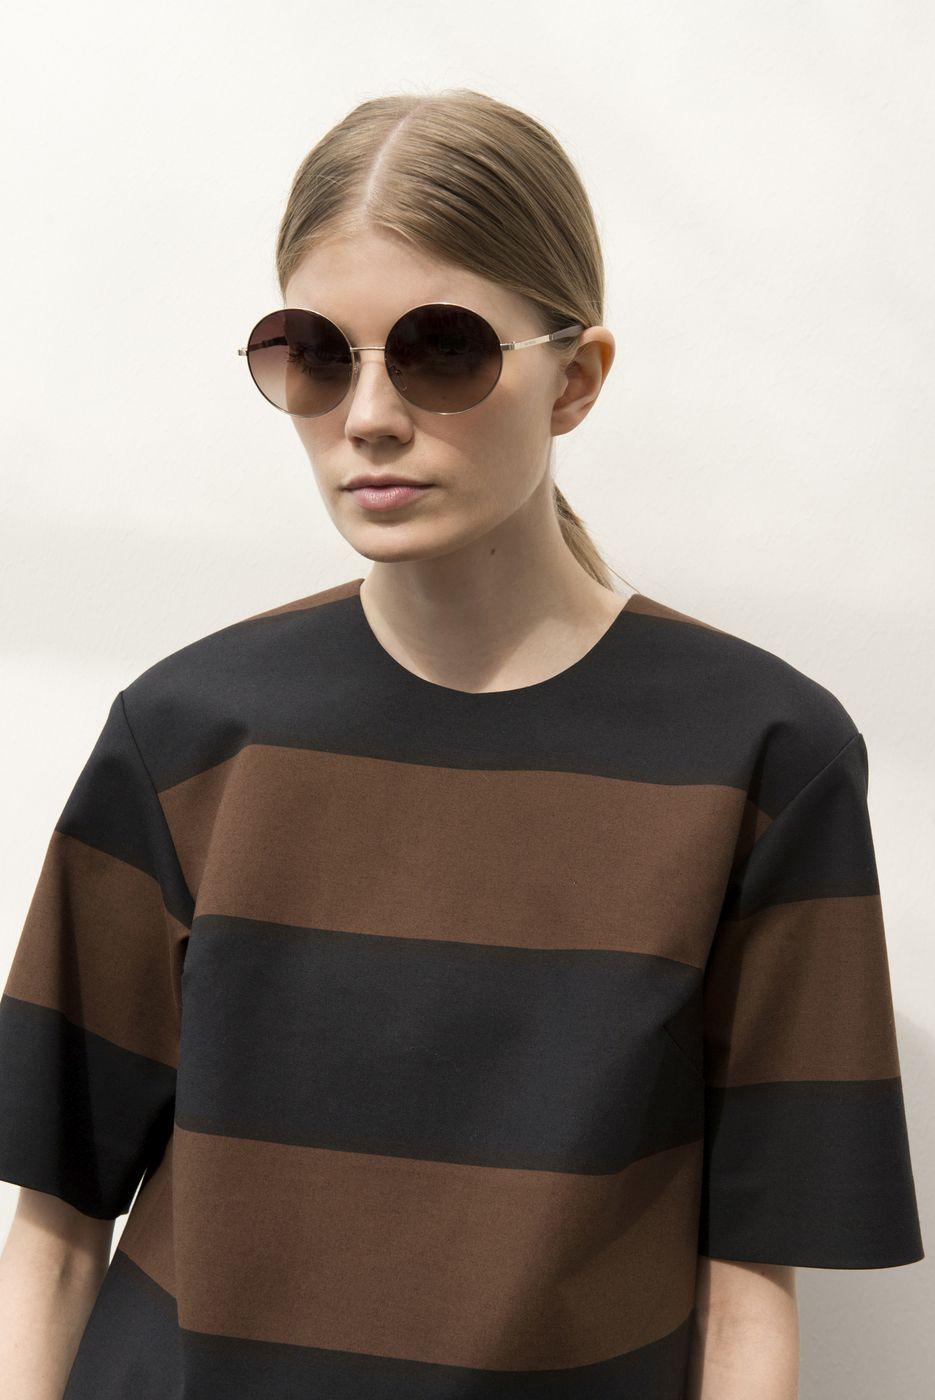 Marimekko eyewear_Ella 2_74729.jpg